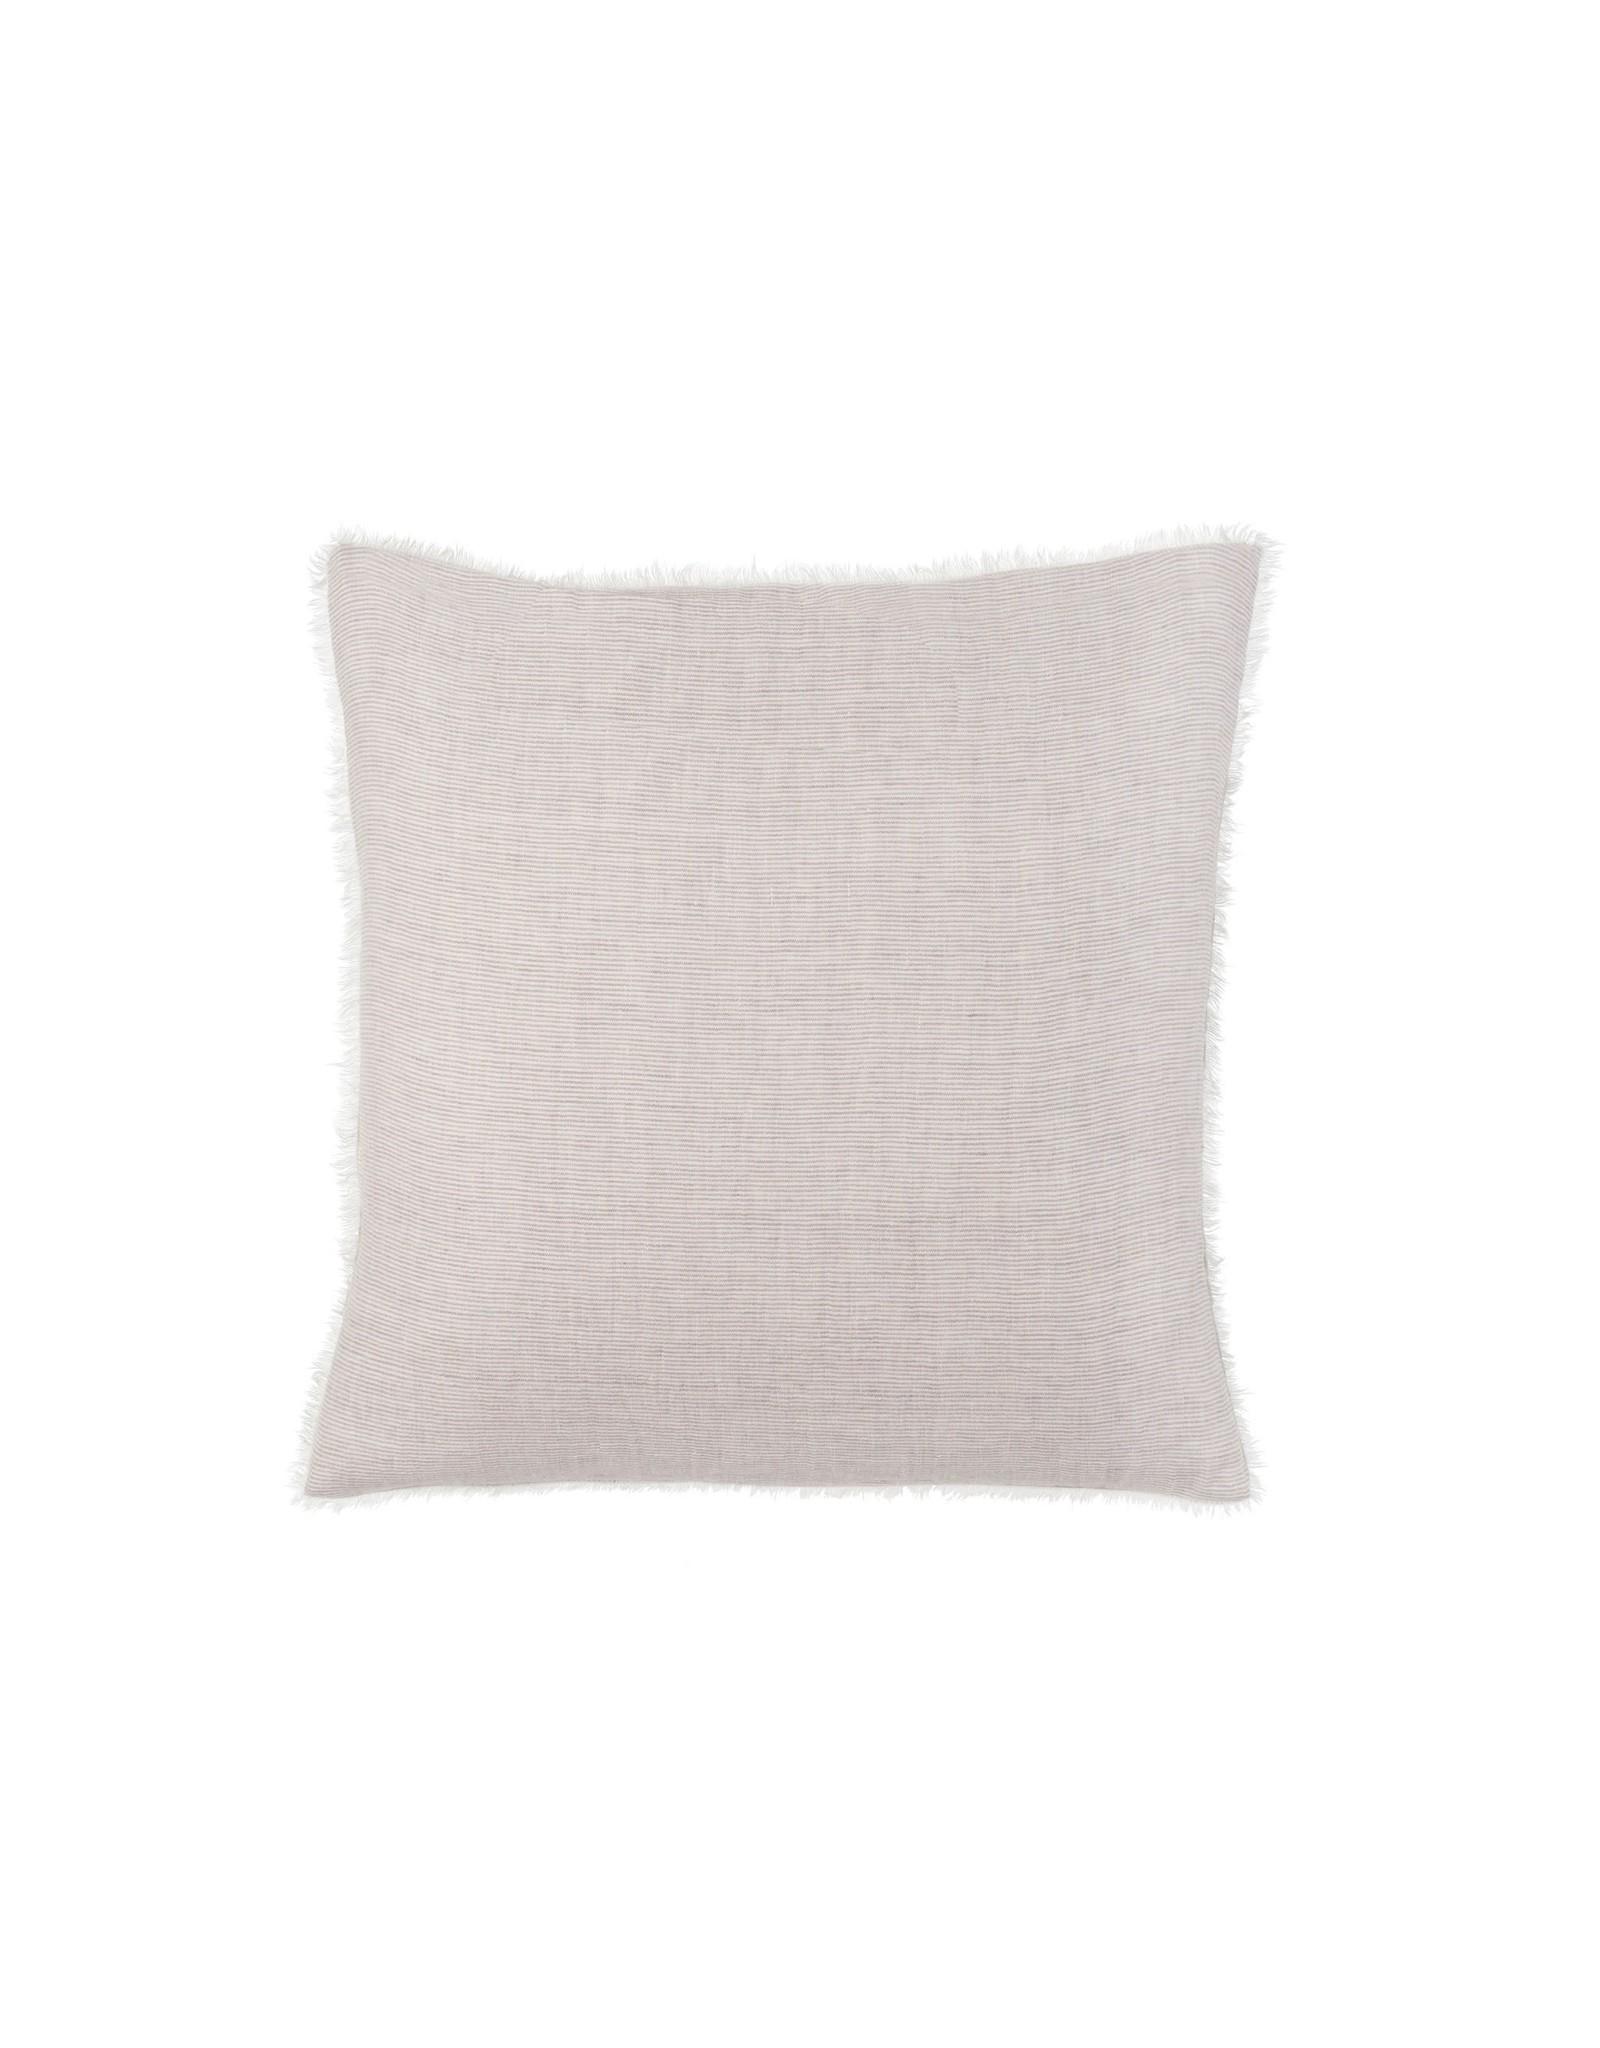 24x24 Skye Linen Pillow, Grey